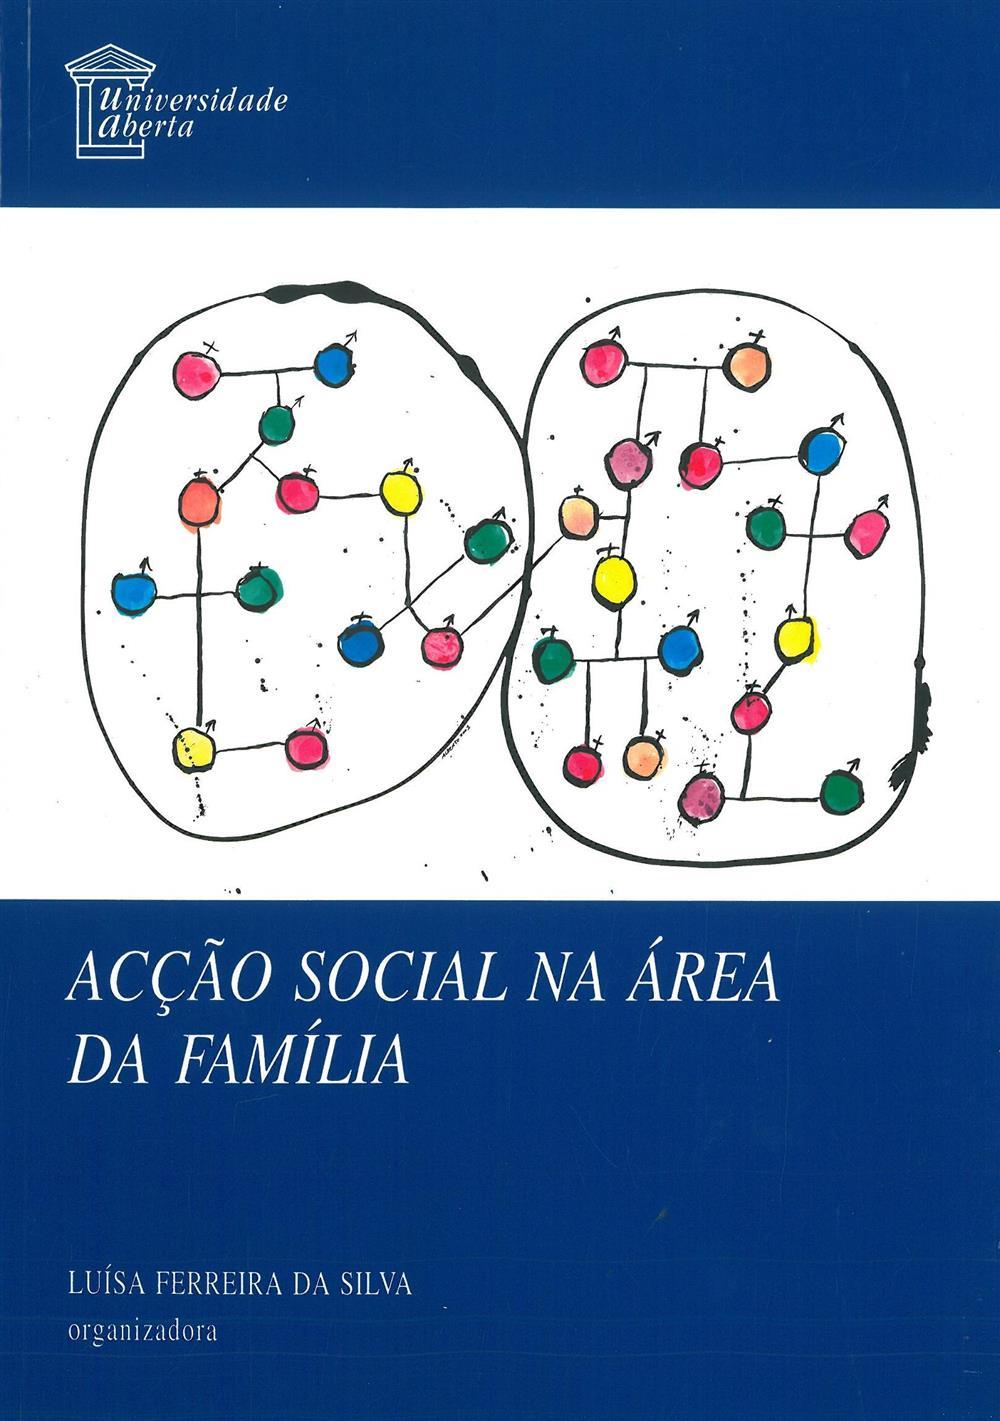 Acção social na área da família_.jpg